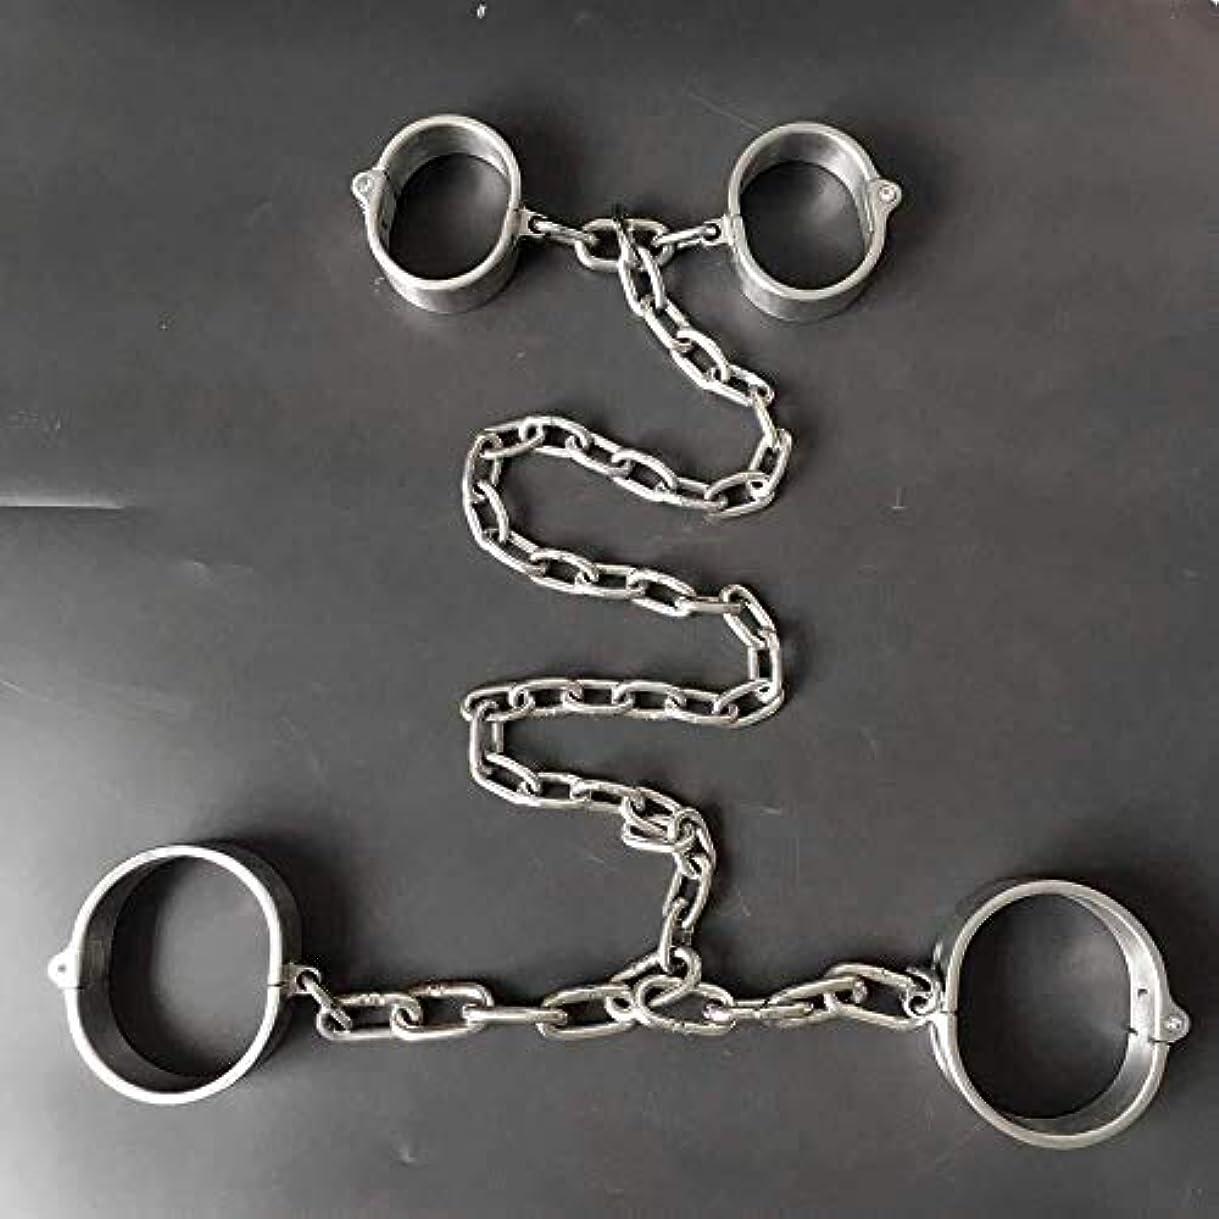 自発的収束する粘性のLIRIDP マッサージスティック 火災手錠、足のアイロン、ネジはステンレス鋼SM大人スレーブボンデージフェチボンデージ手錠の足首を開きます (Size : Female)